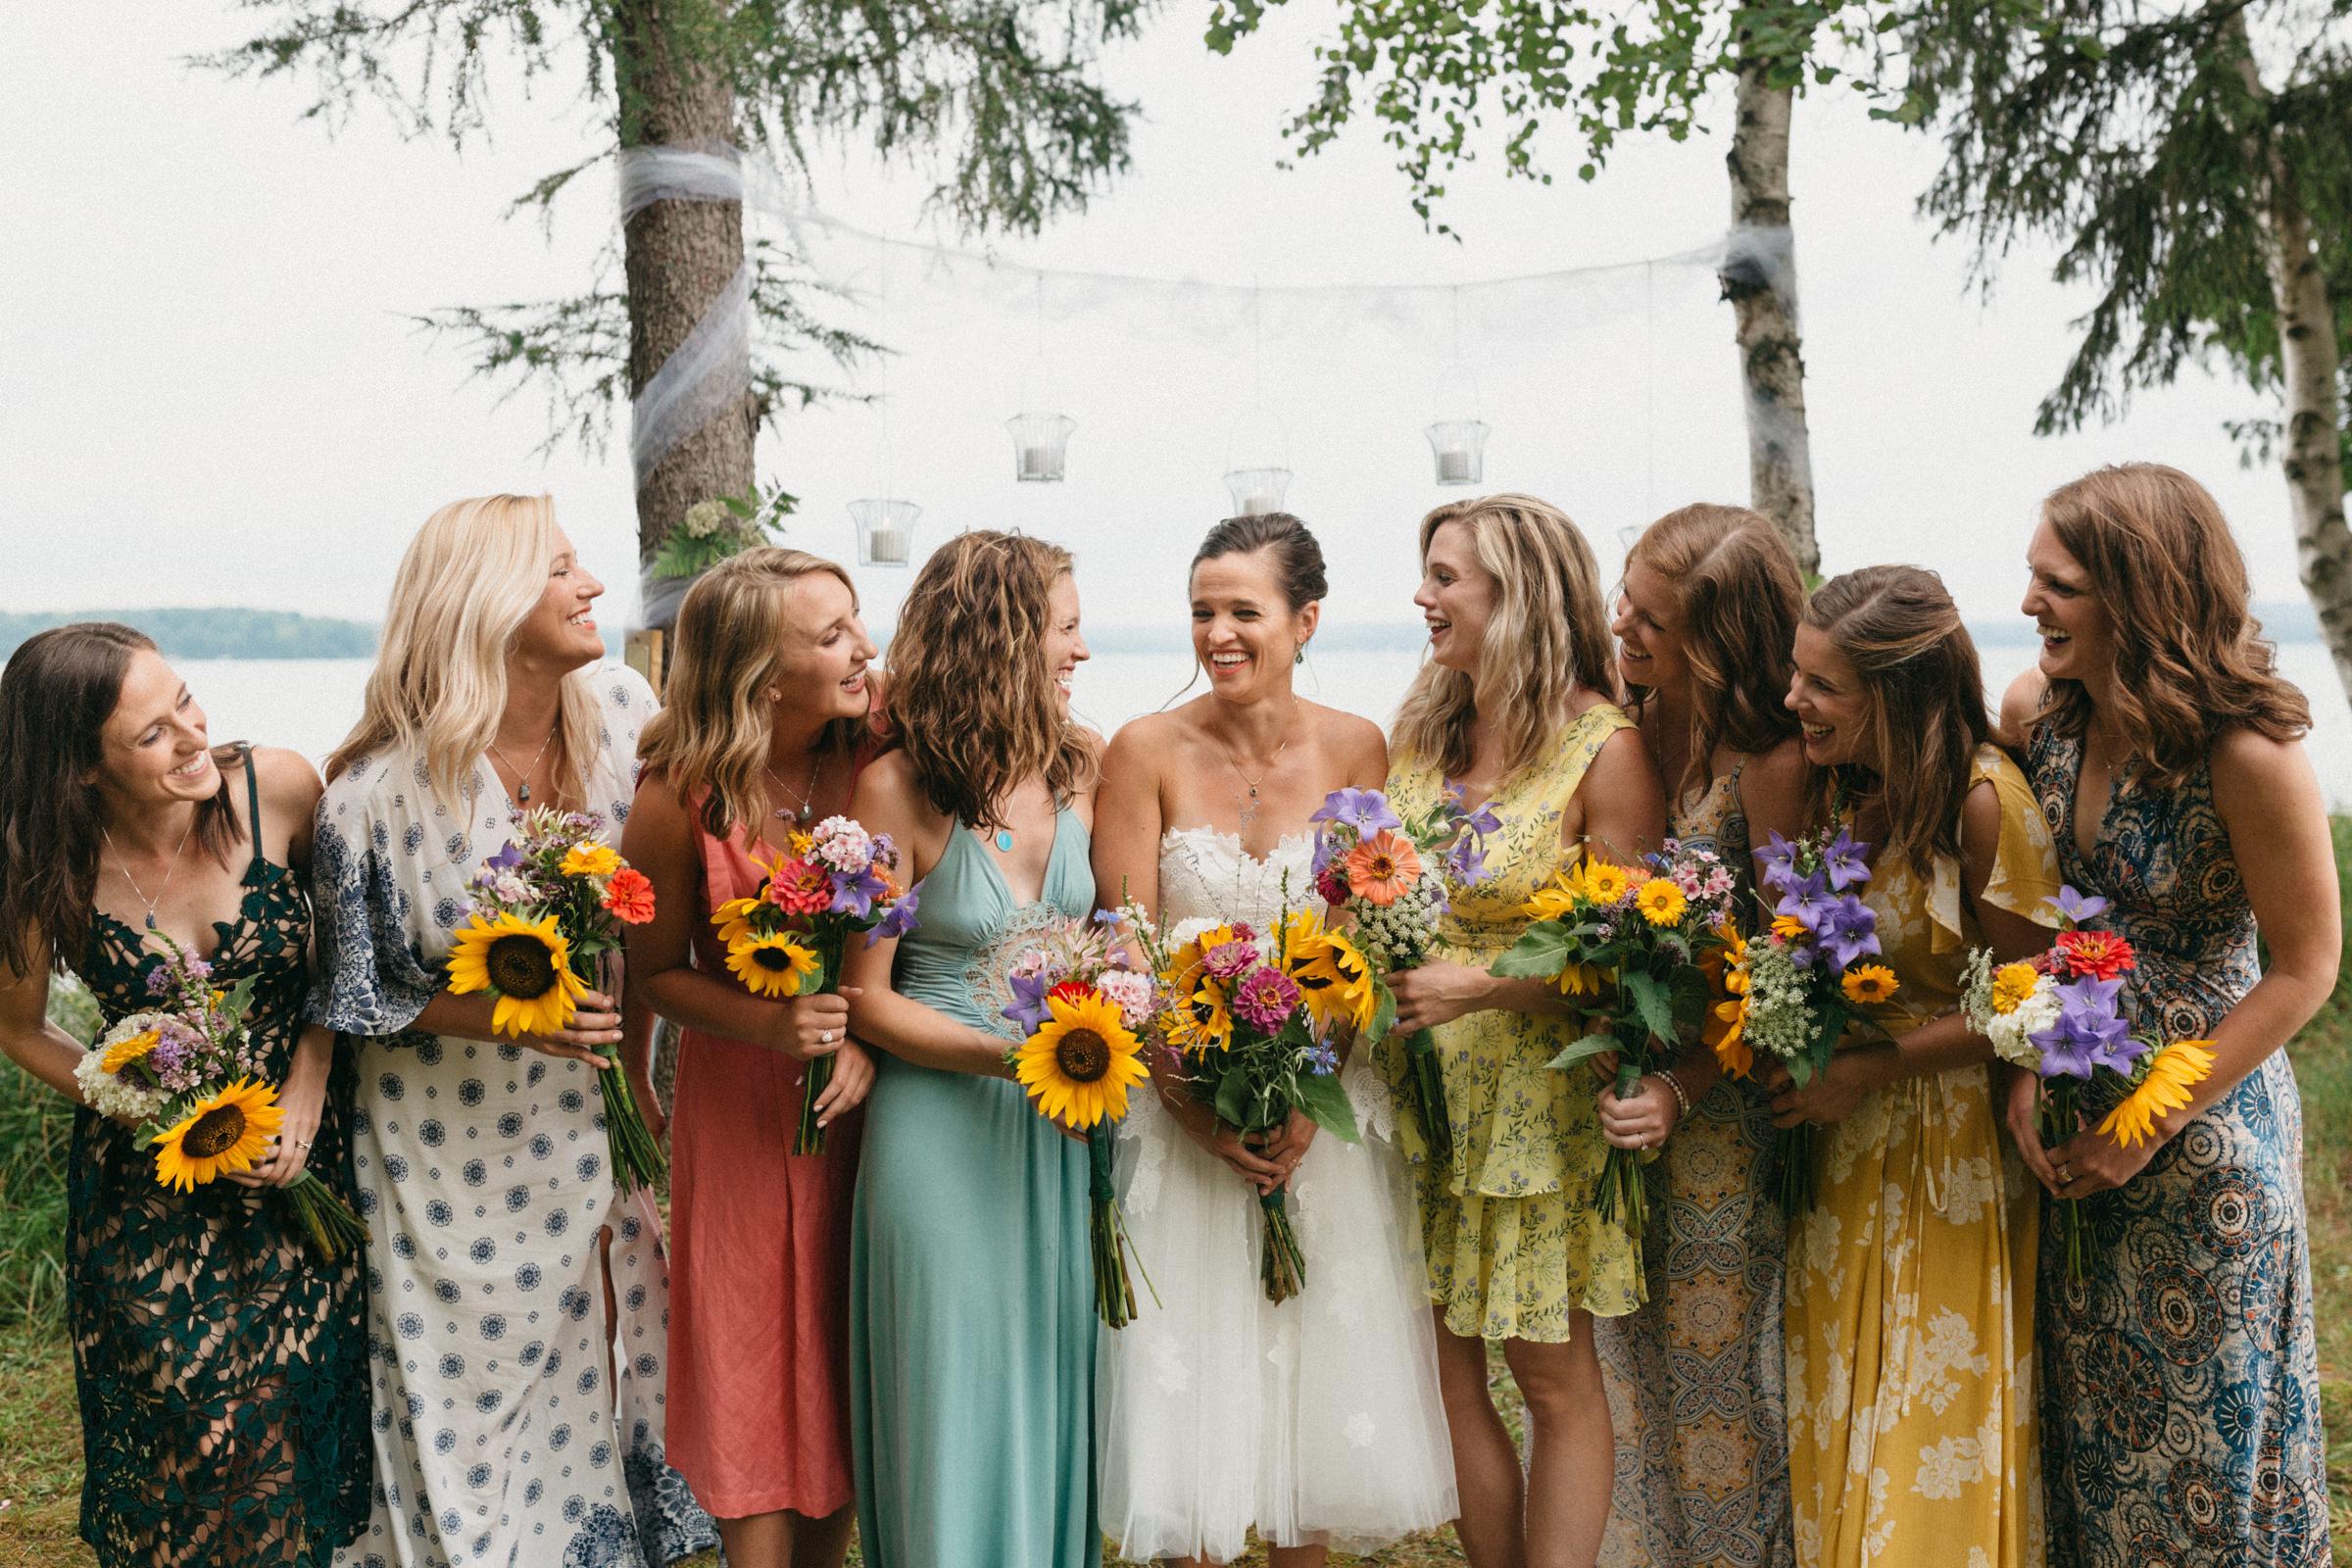 Lake_Michigan_wedding-30.jpg